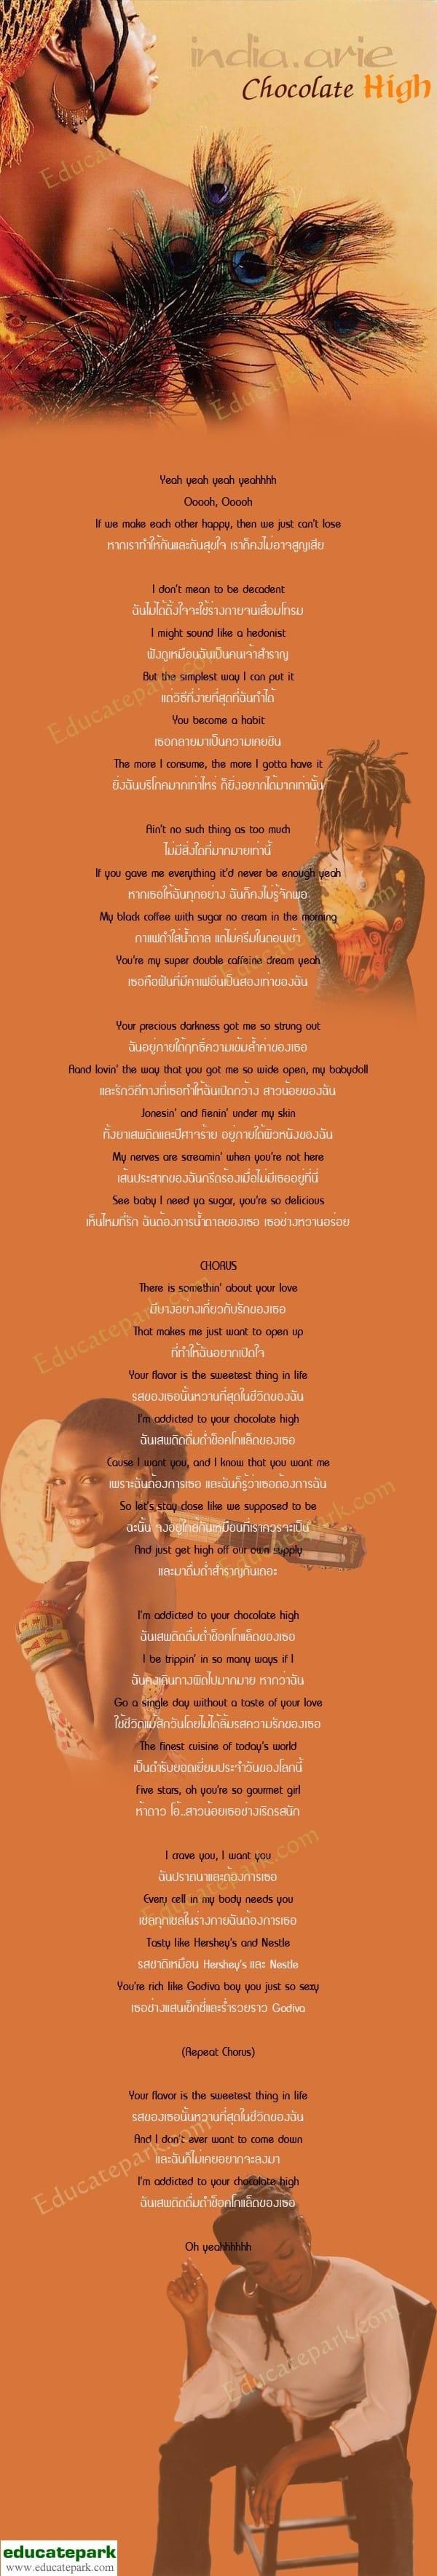 แปลเพลง Chocolate High - India.Arie ft. Musiq Soulchild